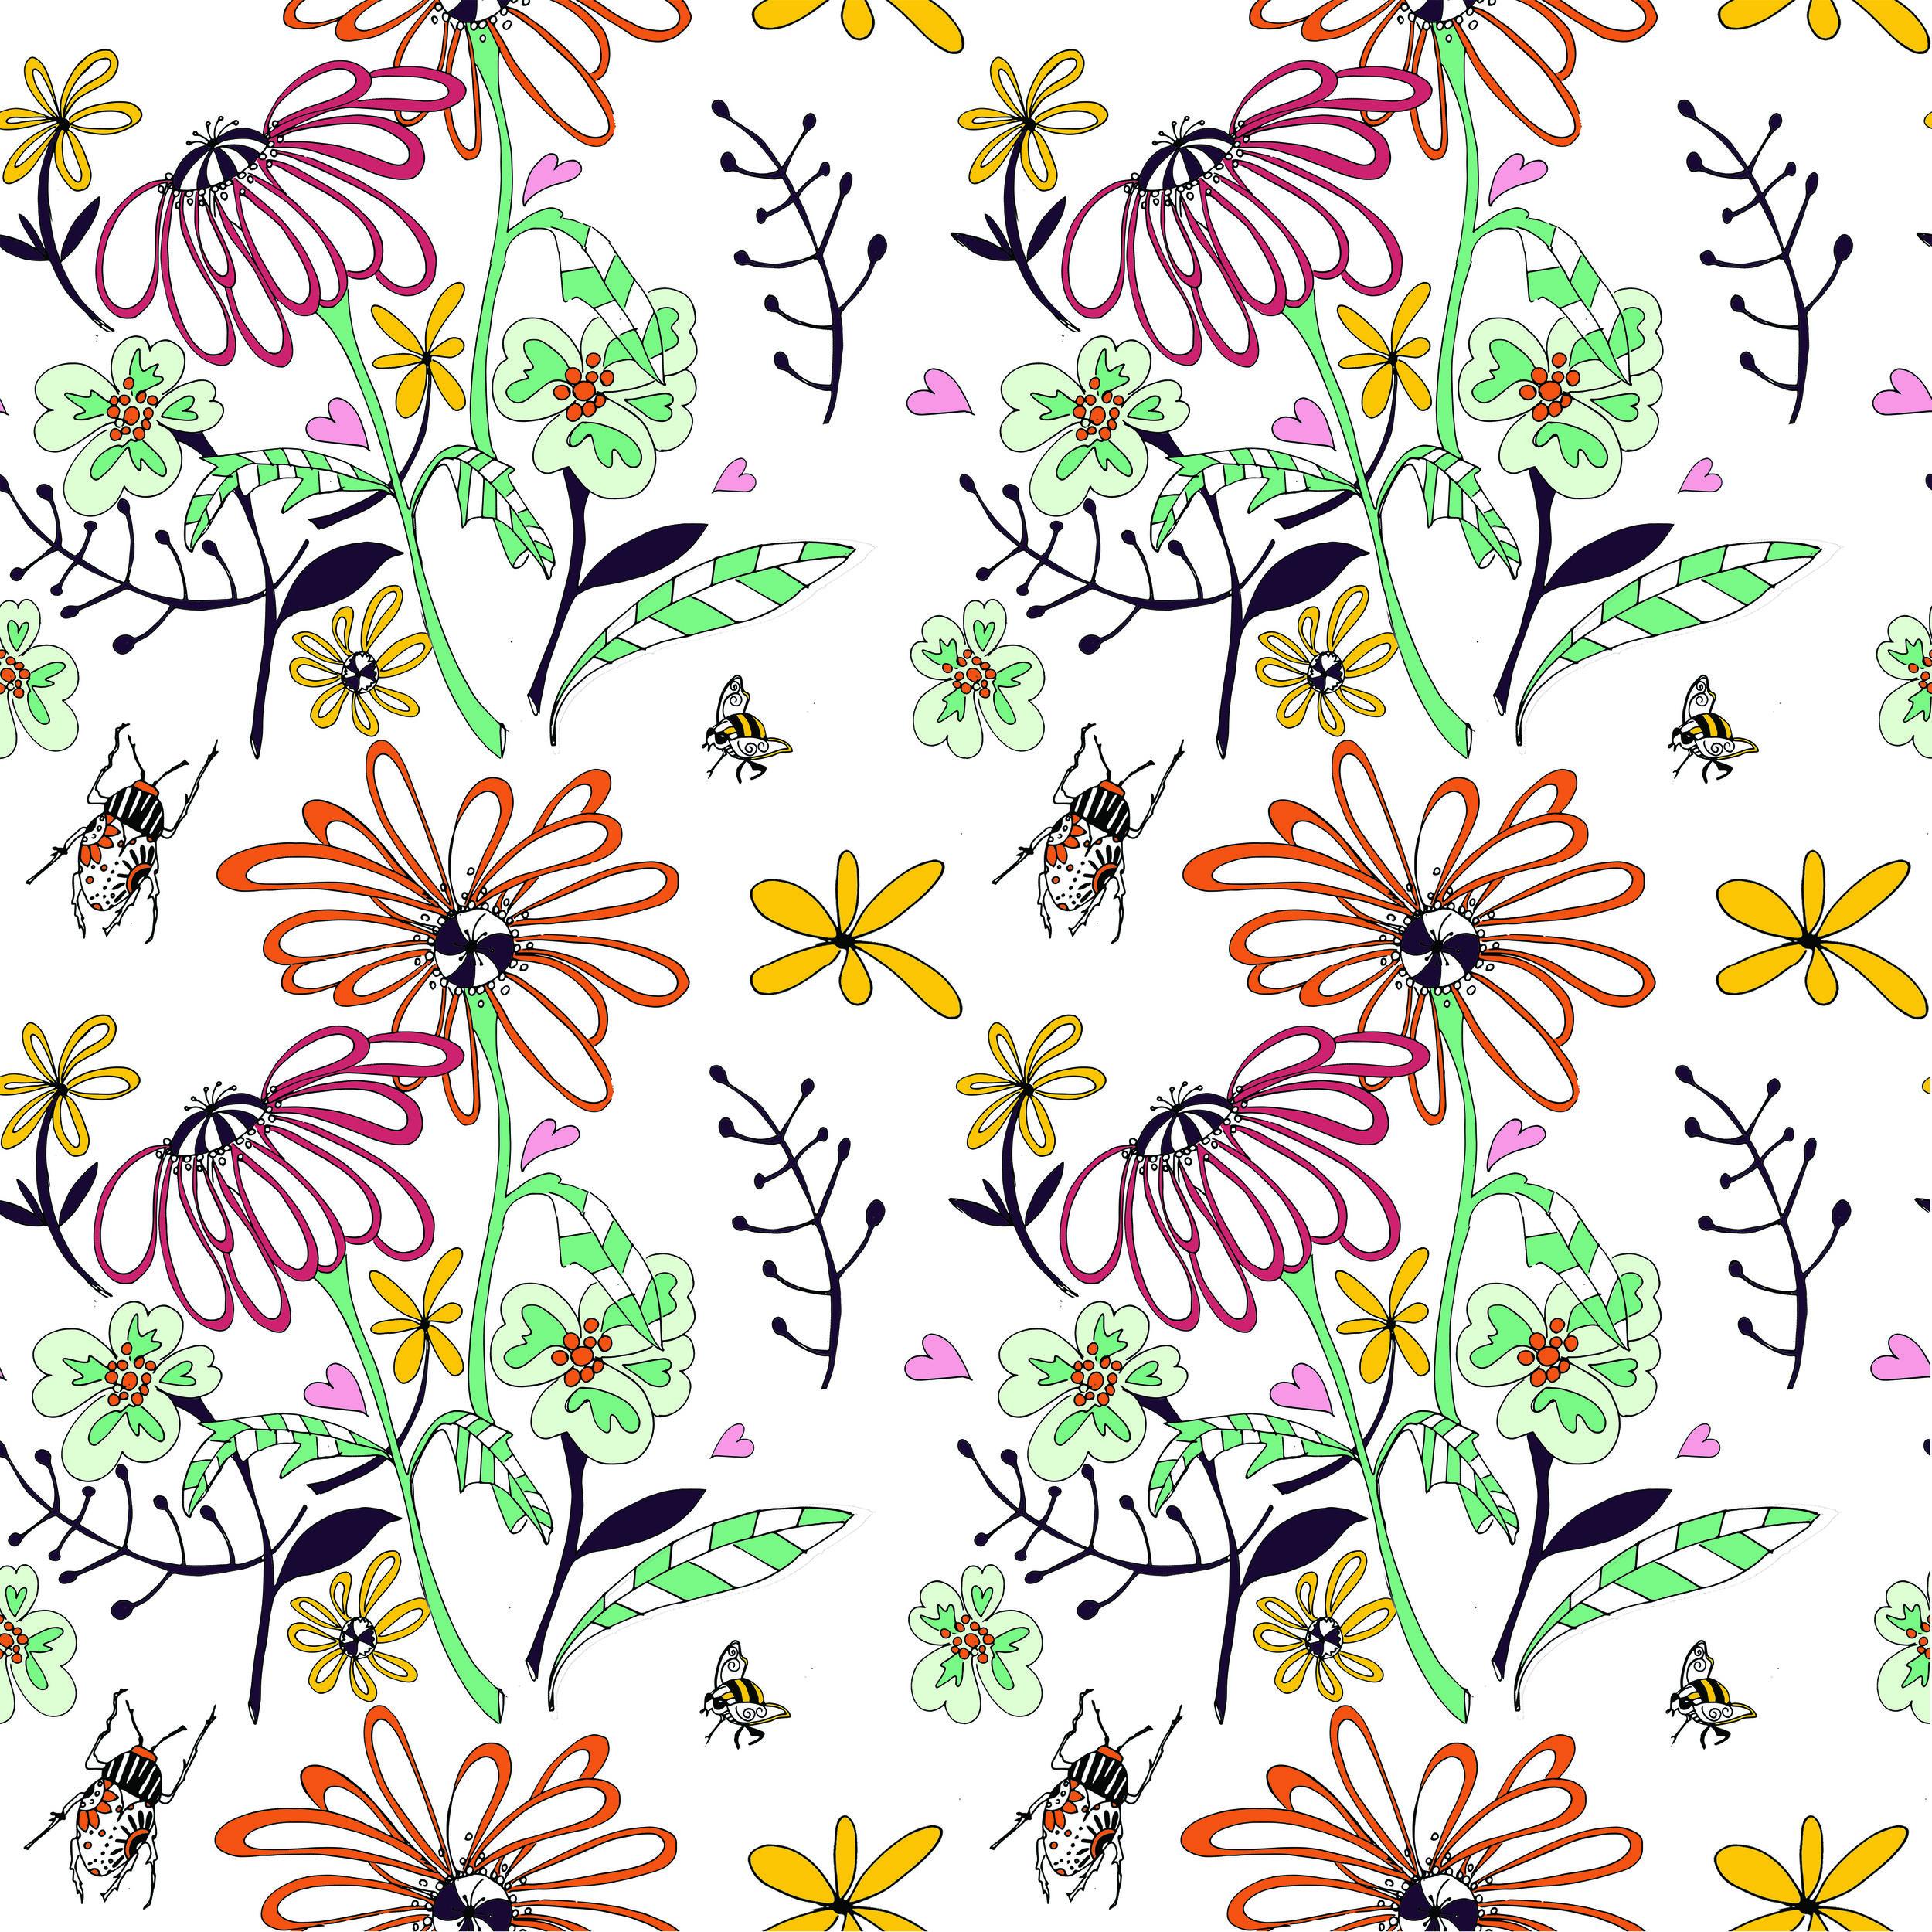 flowerbeebeatlepattern_whiterepeat.jpg